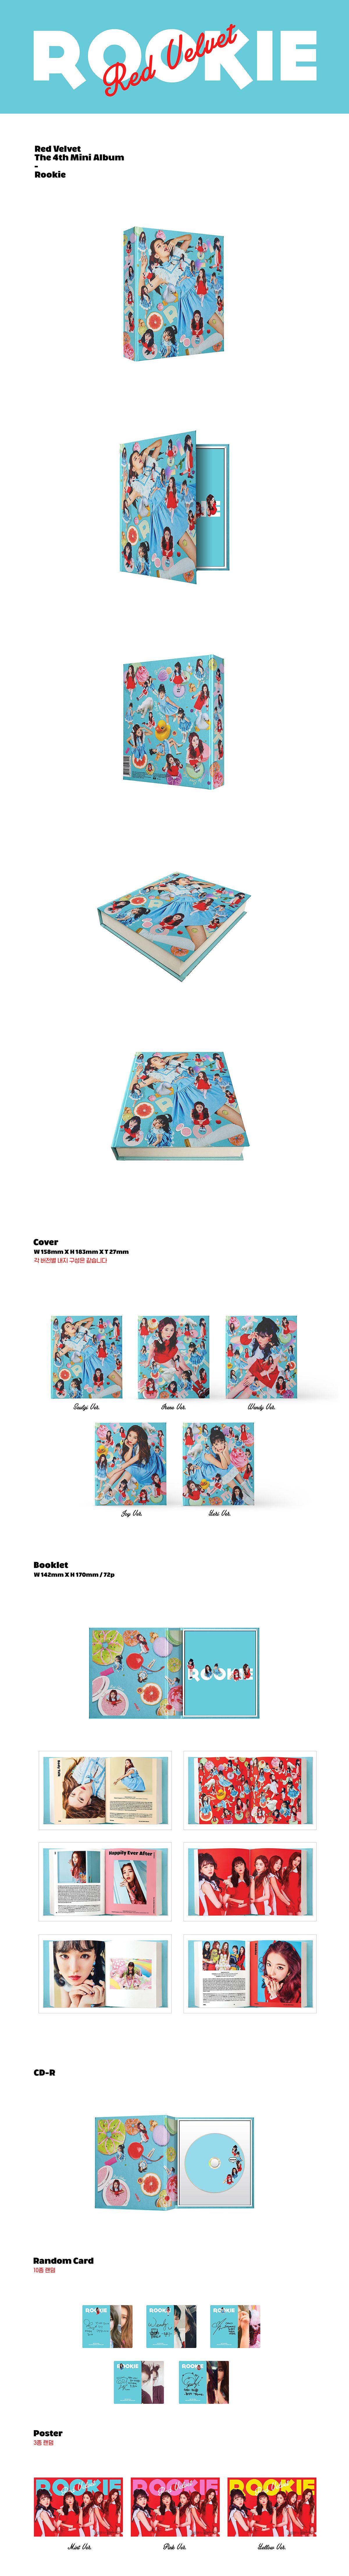 Red Velvet 'ROOKIE' 2017.02.01 http://redvelvet.smtown.com/ / Red Velvet 레드벨벳_Rookie_Teaser Clip #2 https://www.youtube.com/watch?v=Yh4zSHt7w3w / Red Velvet 레드벨벳_Rookie_Teaser Clip #1 https://www.youtube.com/watch?v=y631W-LKtC4